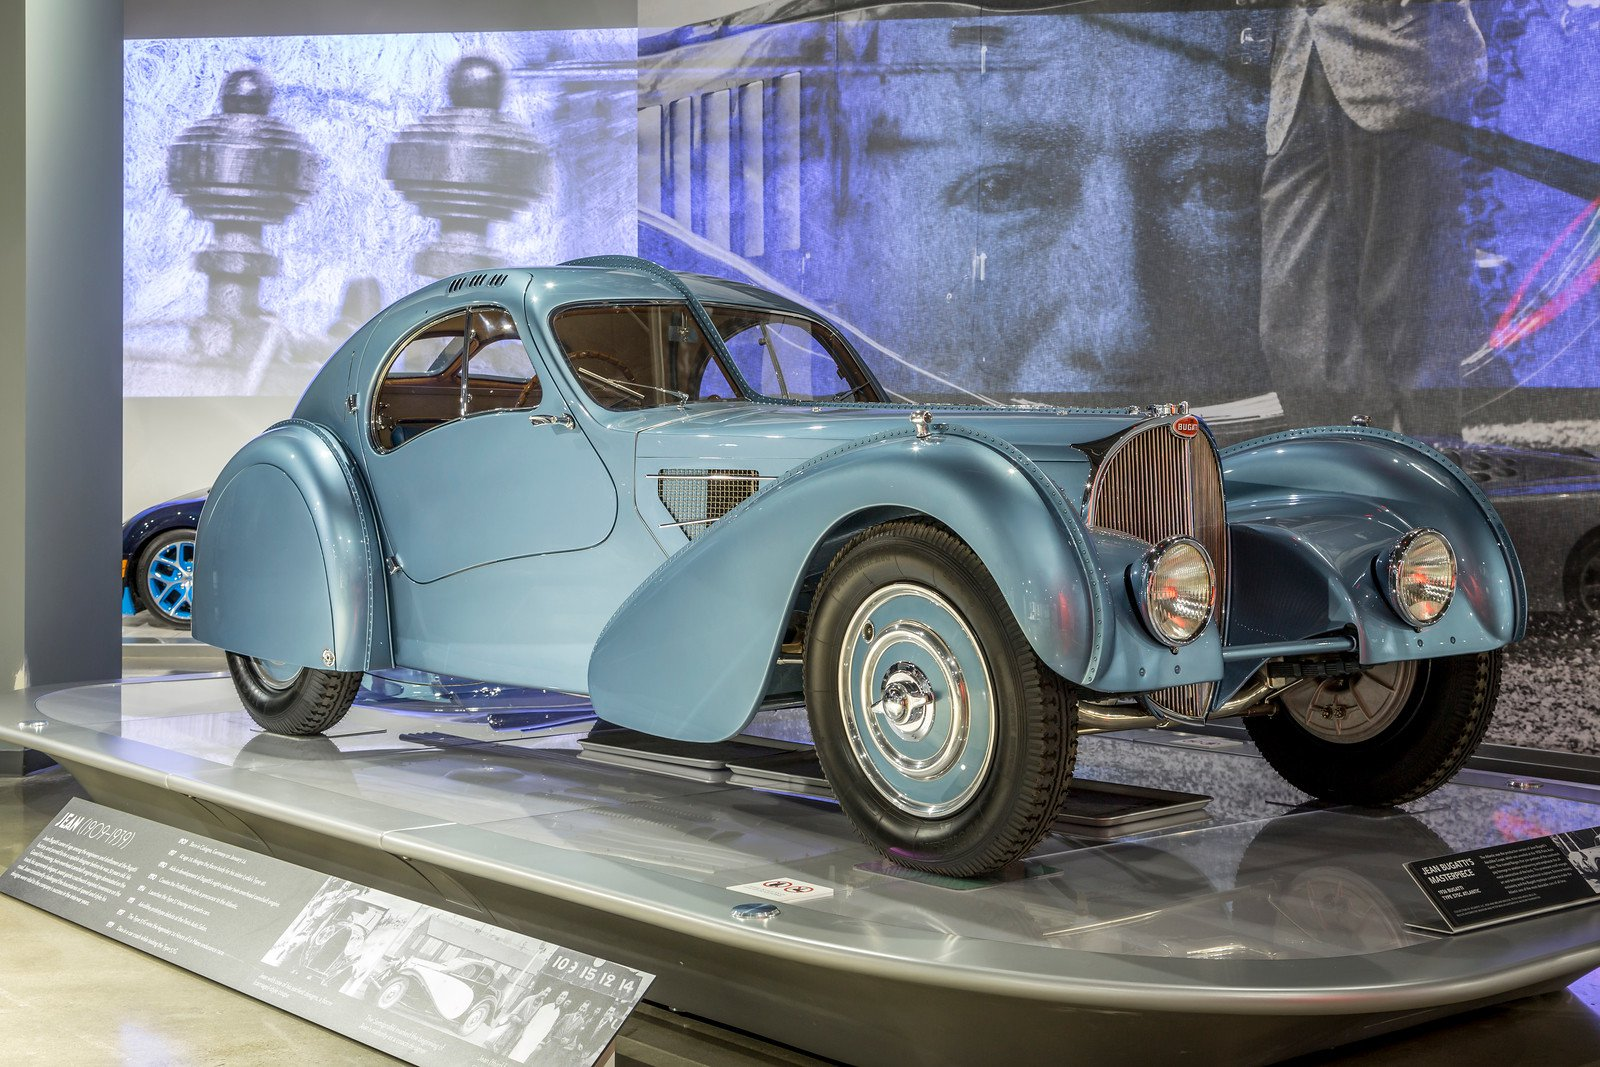 Lujo revolucionario para la época el de este clásico de Bugatti que marco tendencias exclusivas.